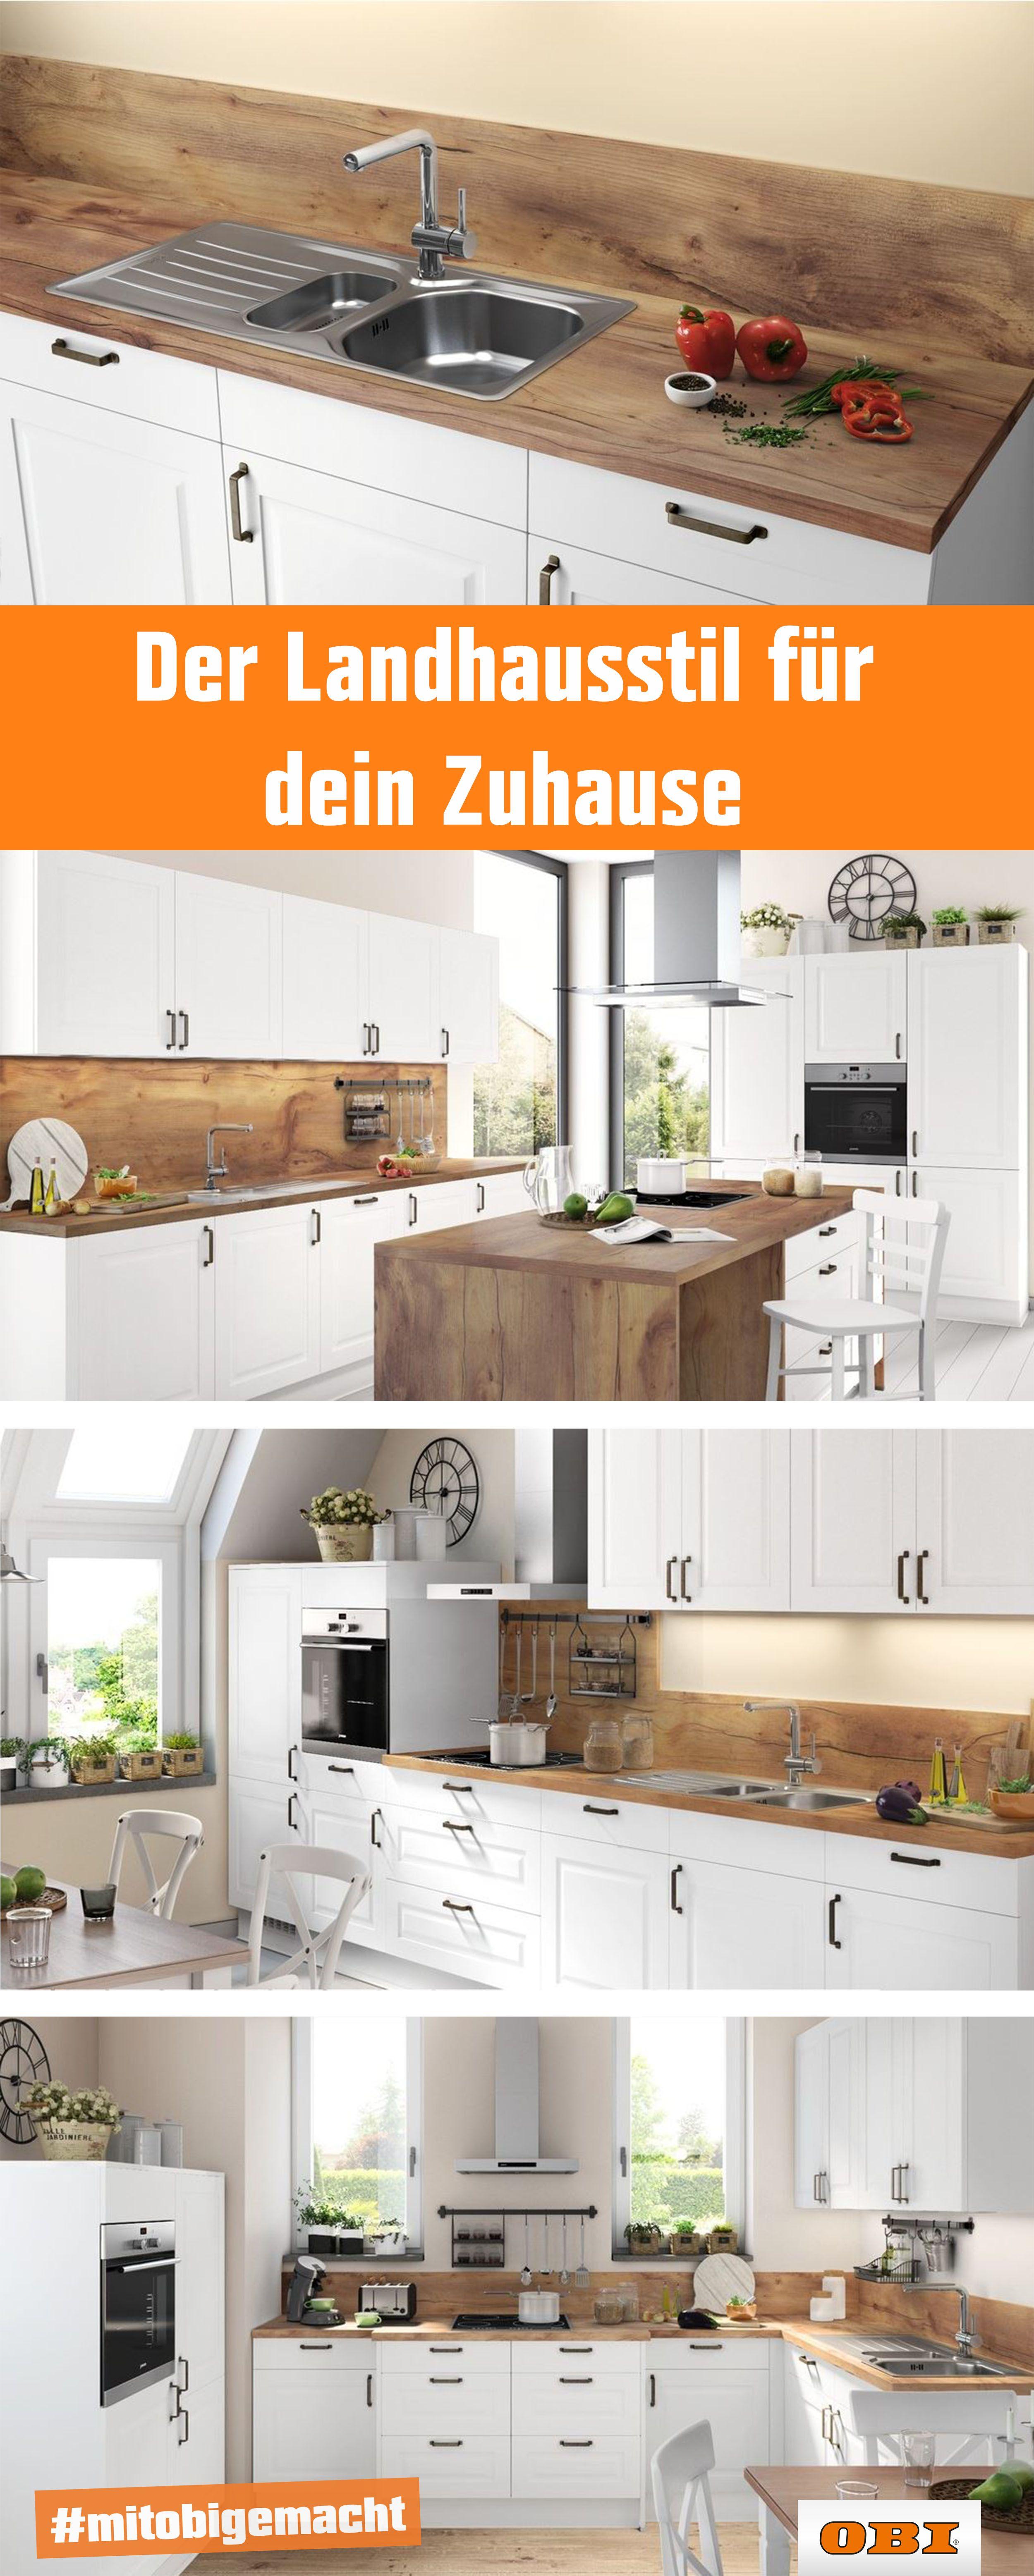 Kücheninspirationstool – konfigurieren Sie Farbe & Fronten Ihrer Küche!